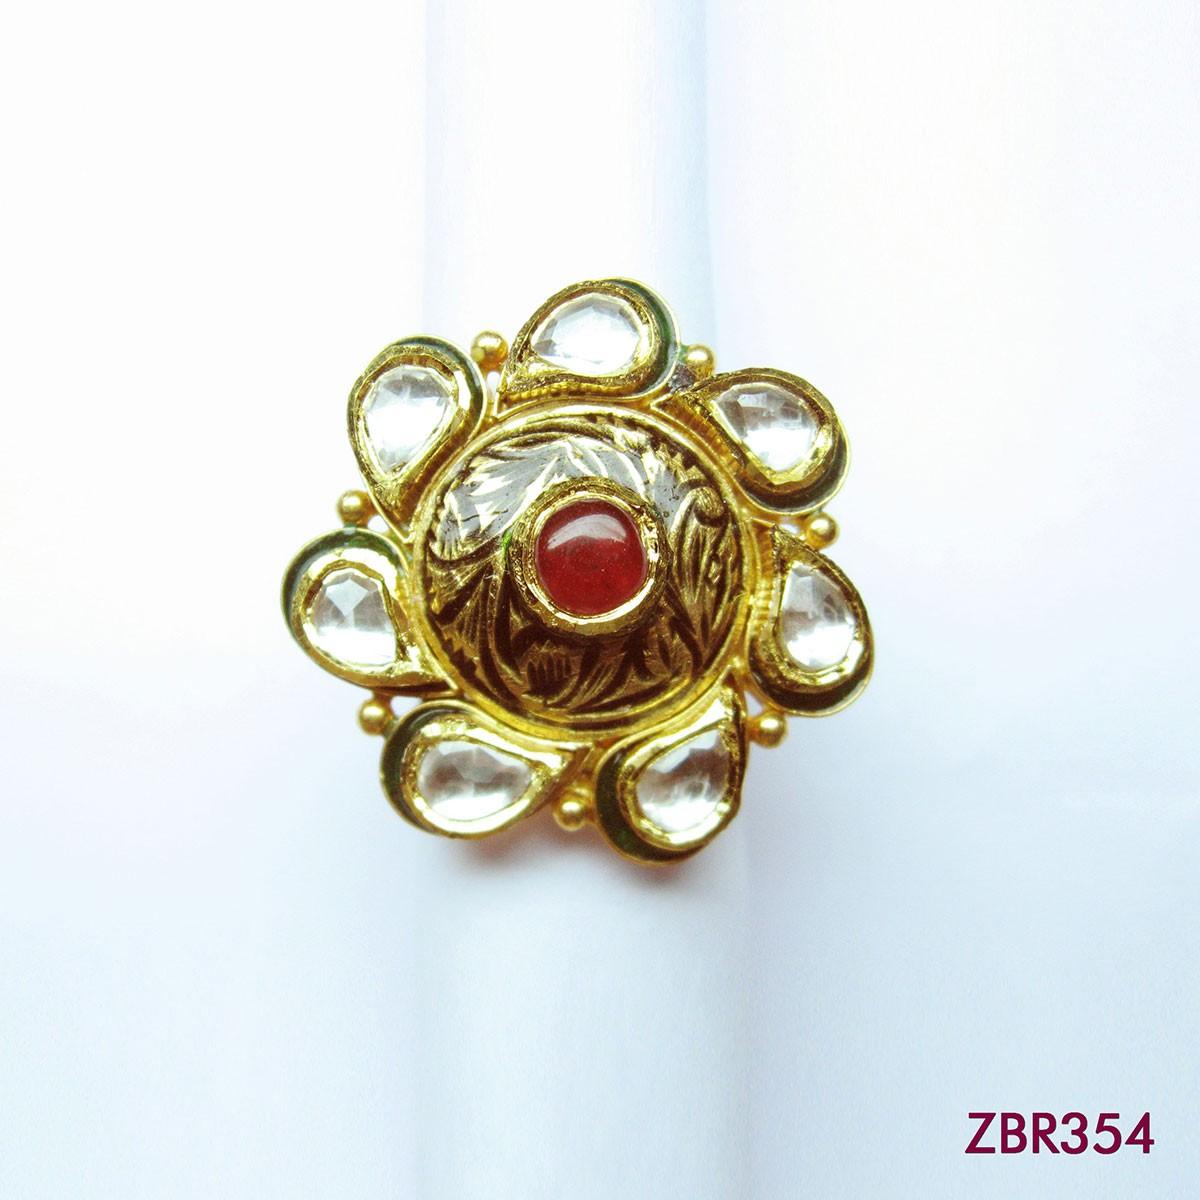 ZBR354